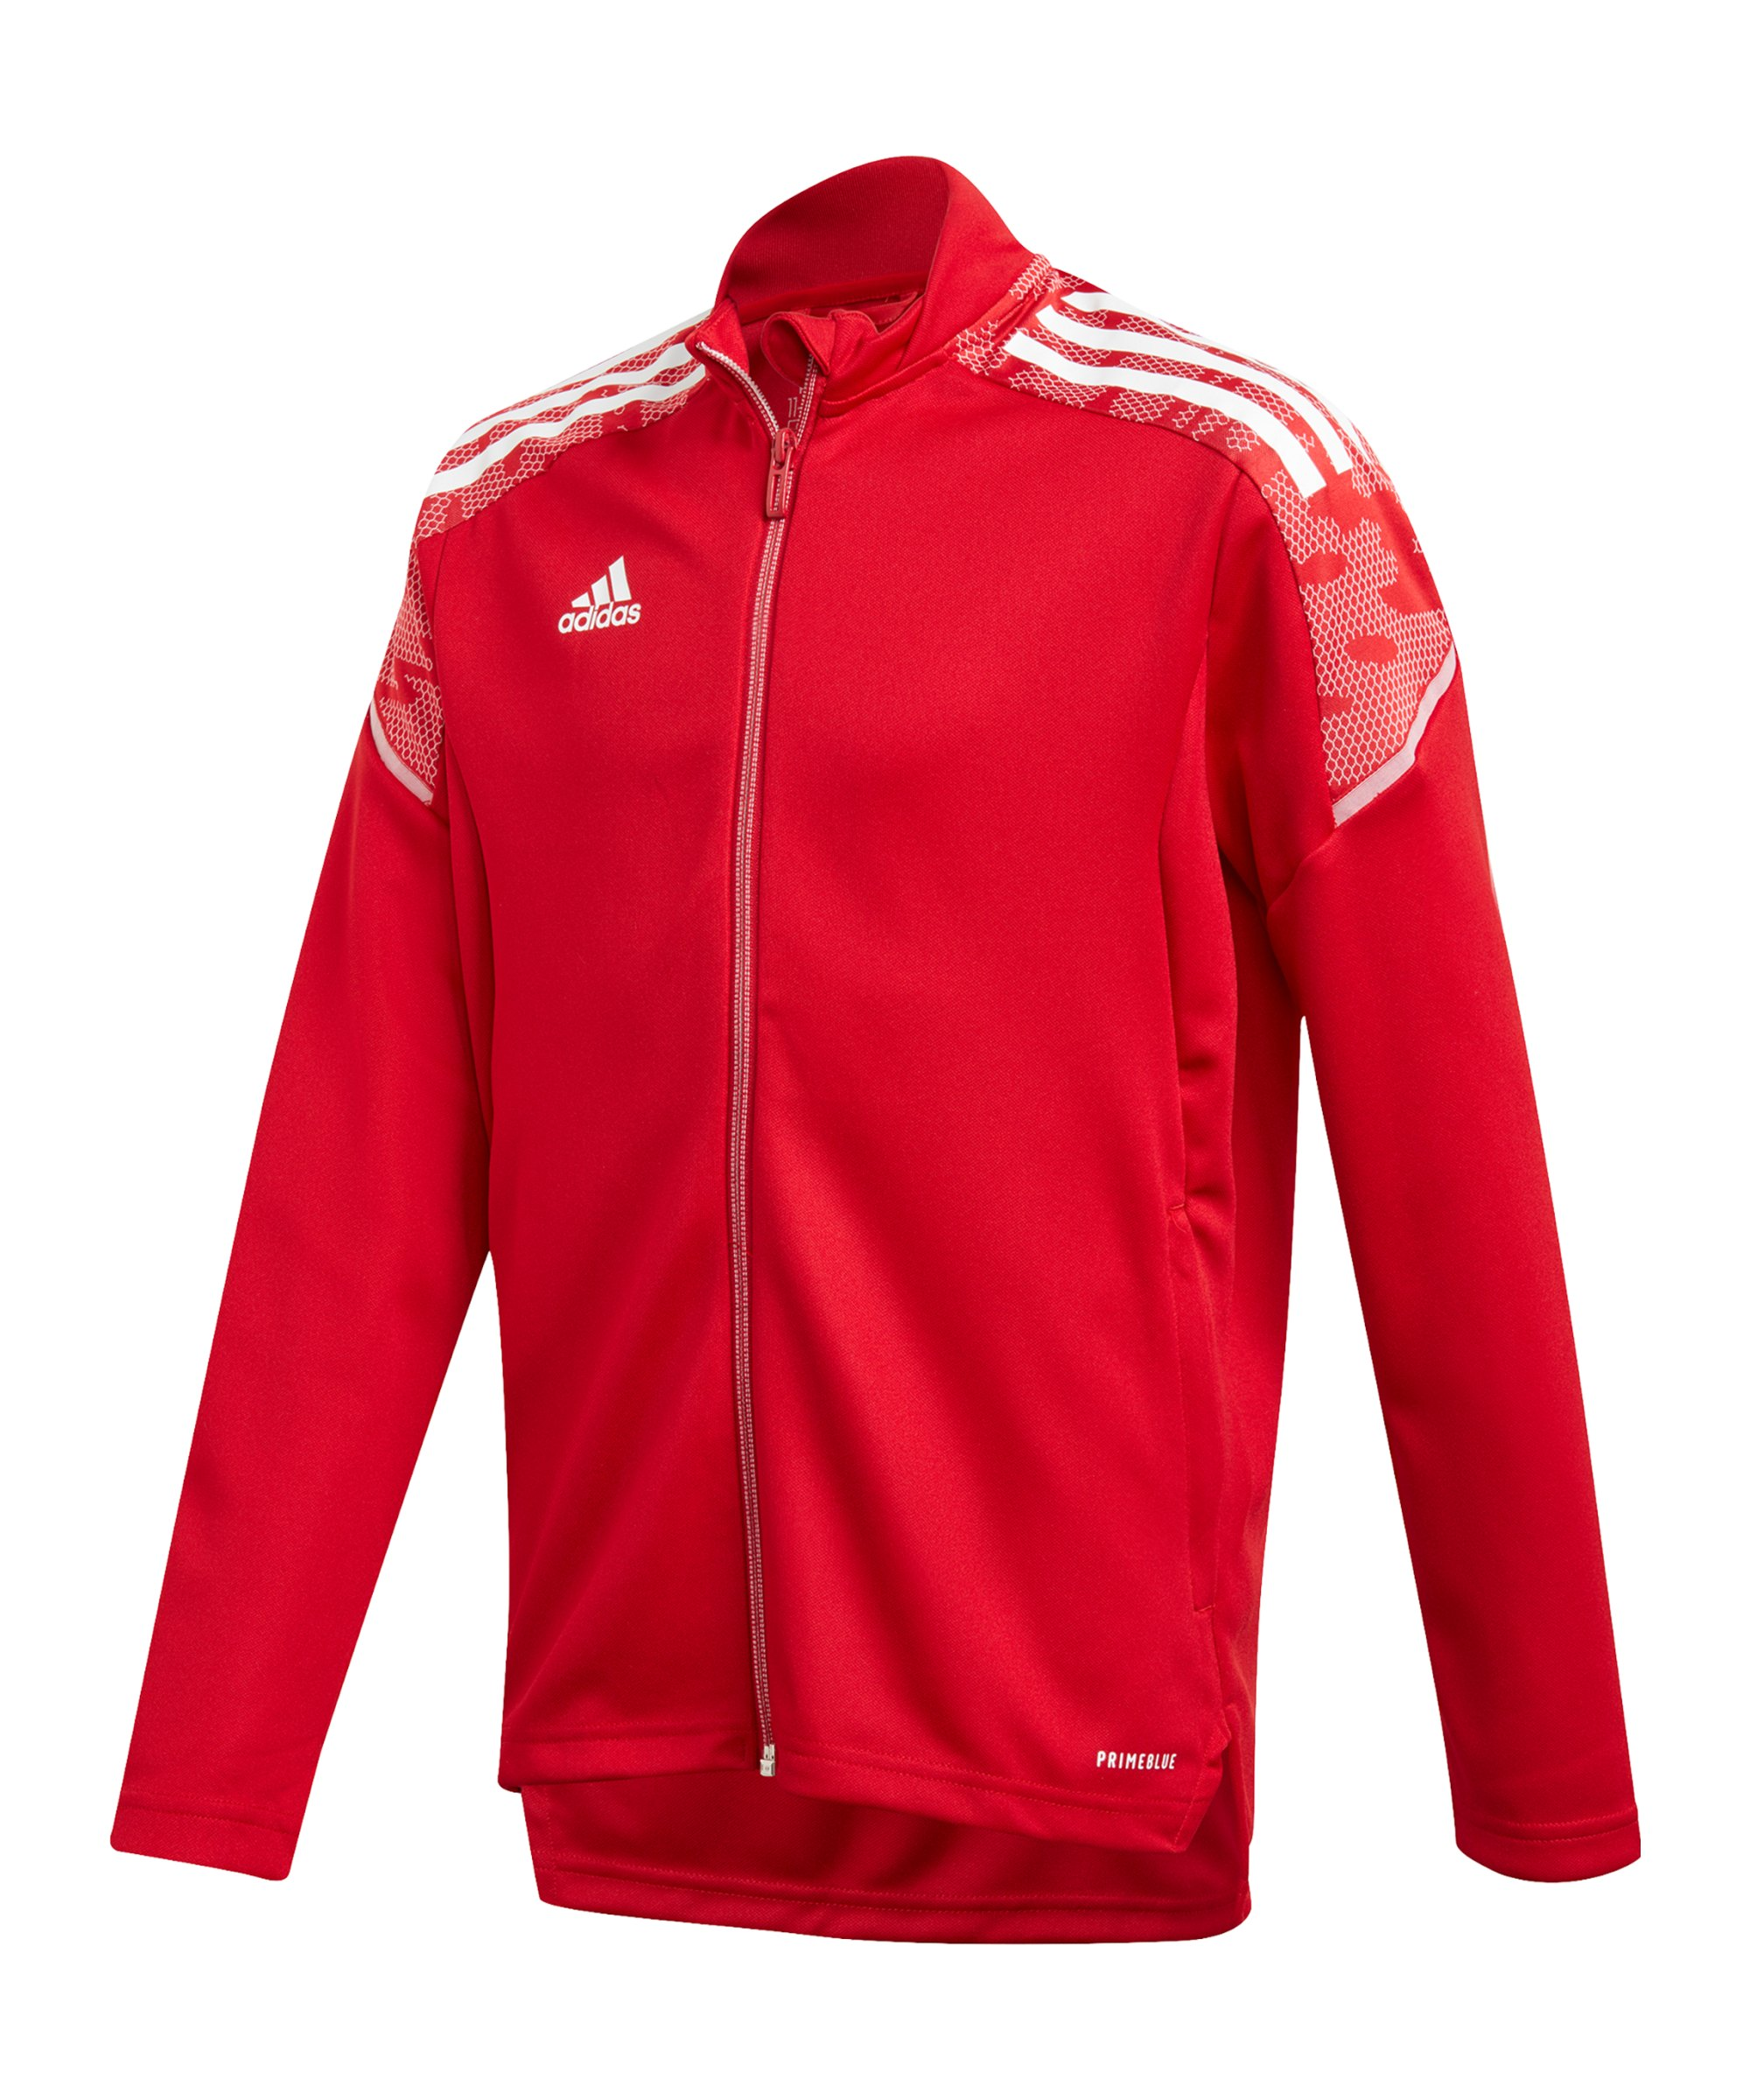 adidas Condivo 21 Trainingsjacke Kids Rot Weiss - rot